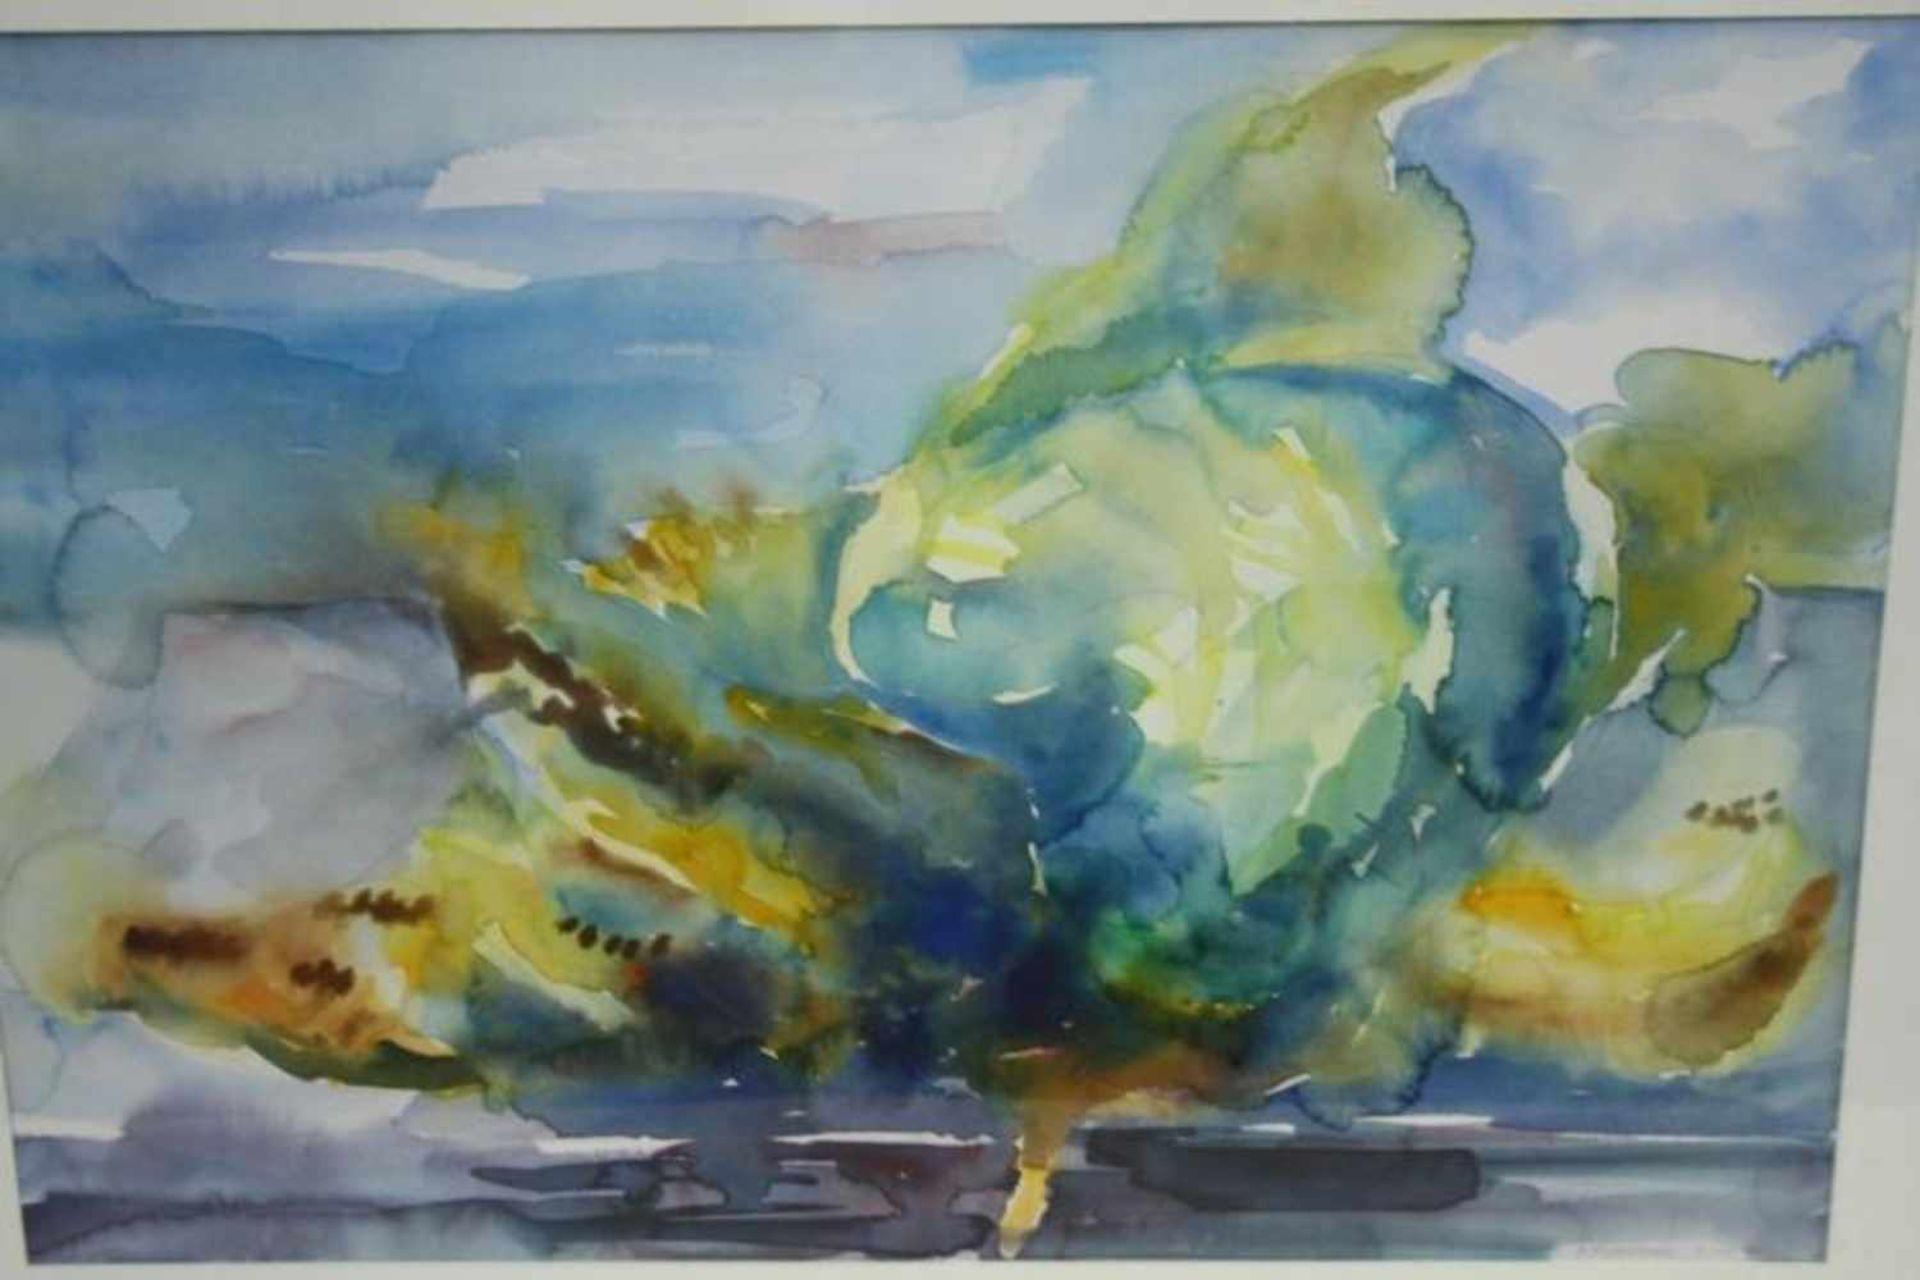 Aquarel A. Middelhoek, 63x83 cm, gedateerd 1990